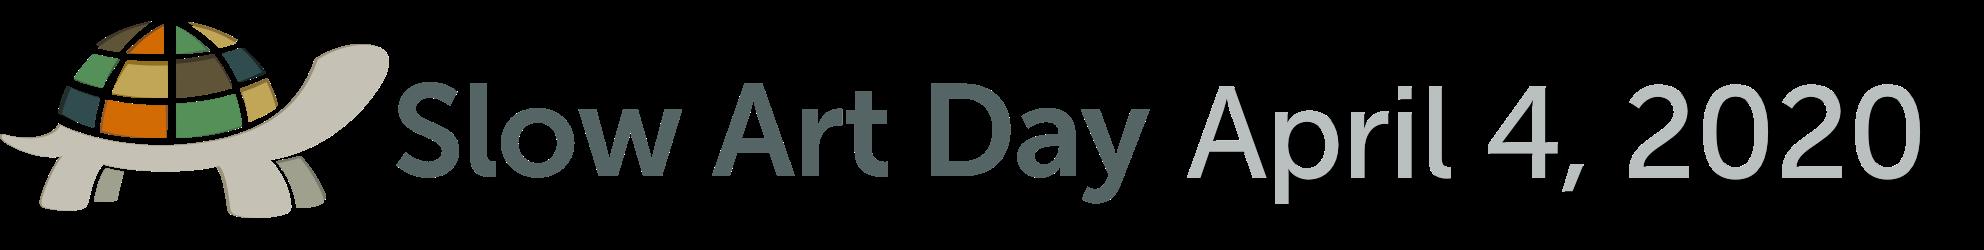 Slow Art Day 2020 - 4 April 2020